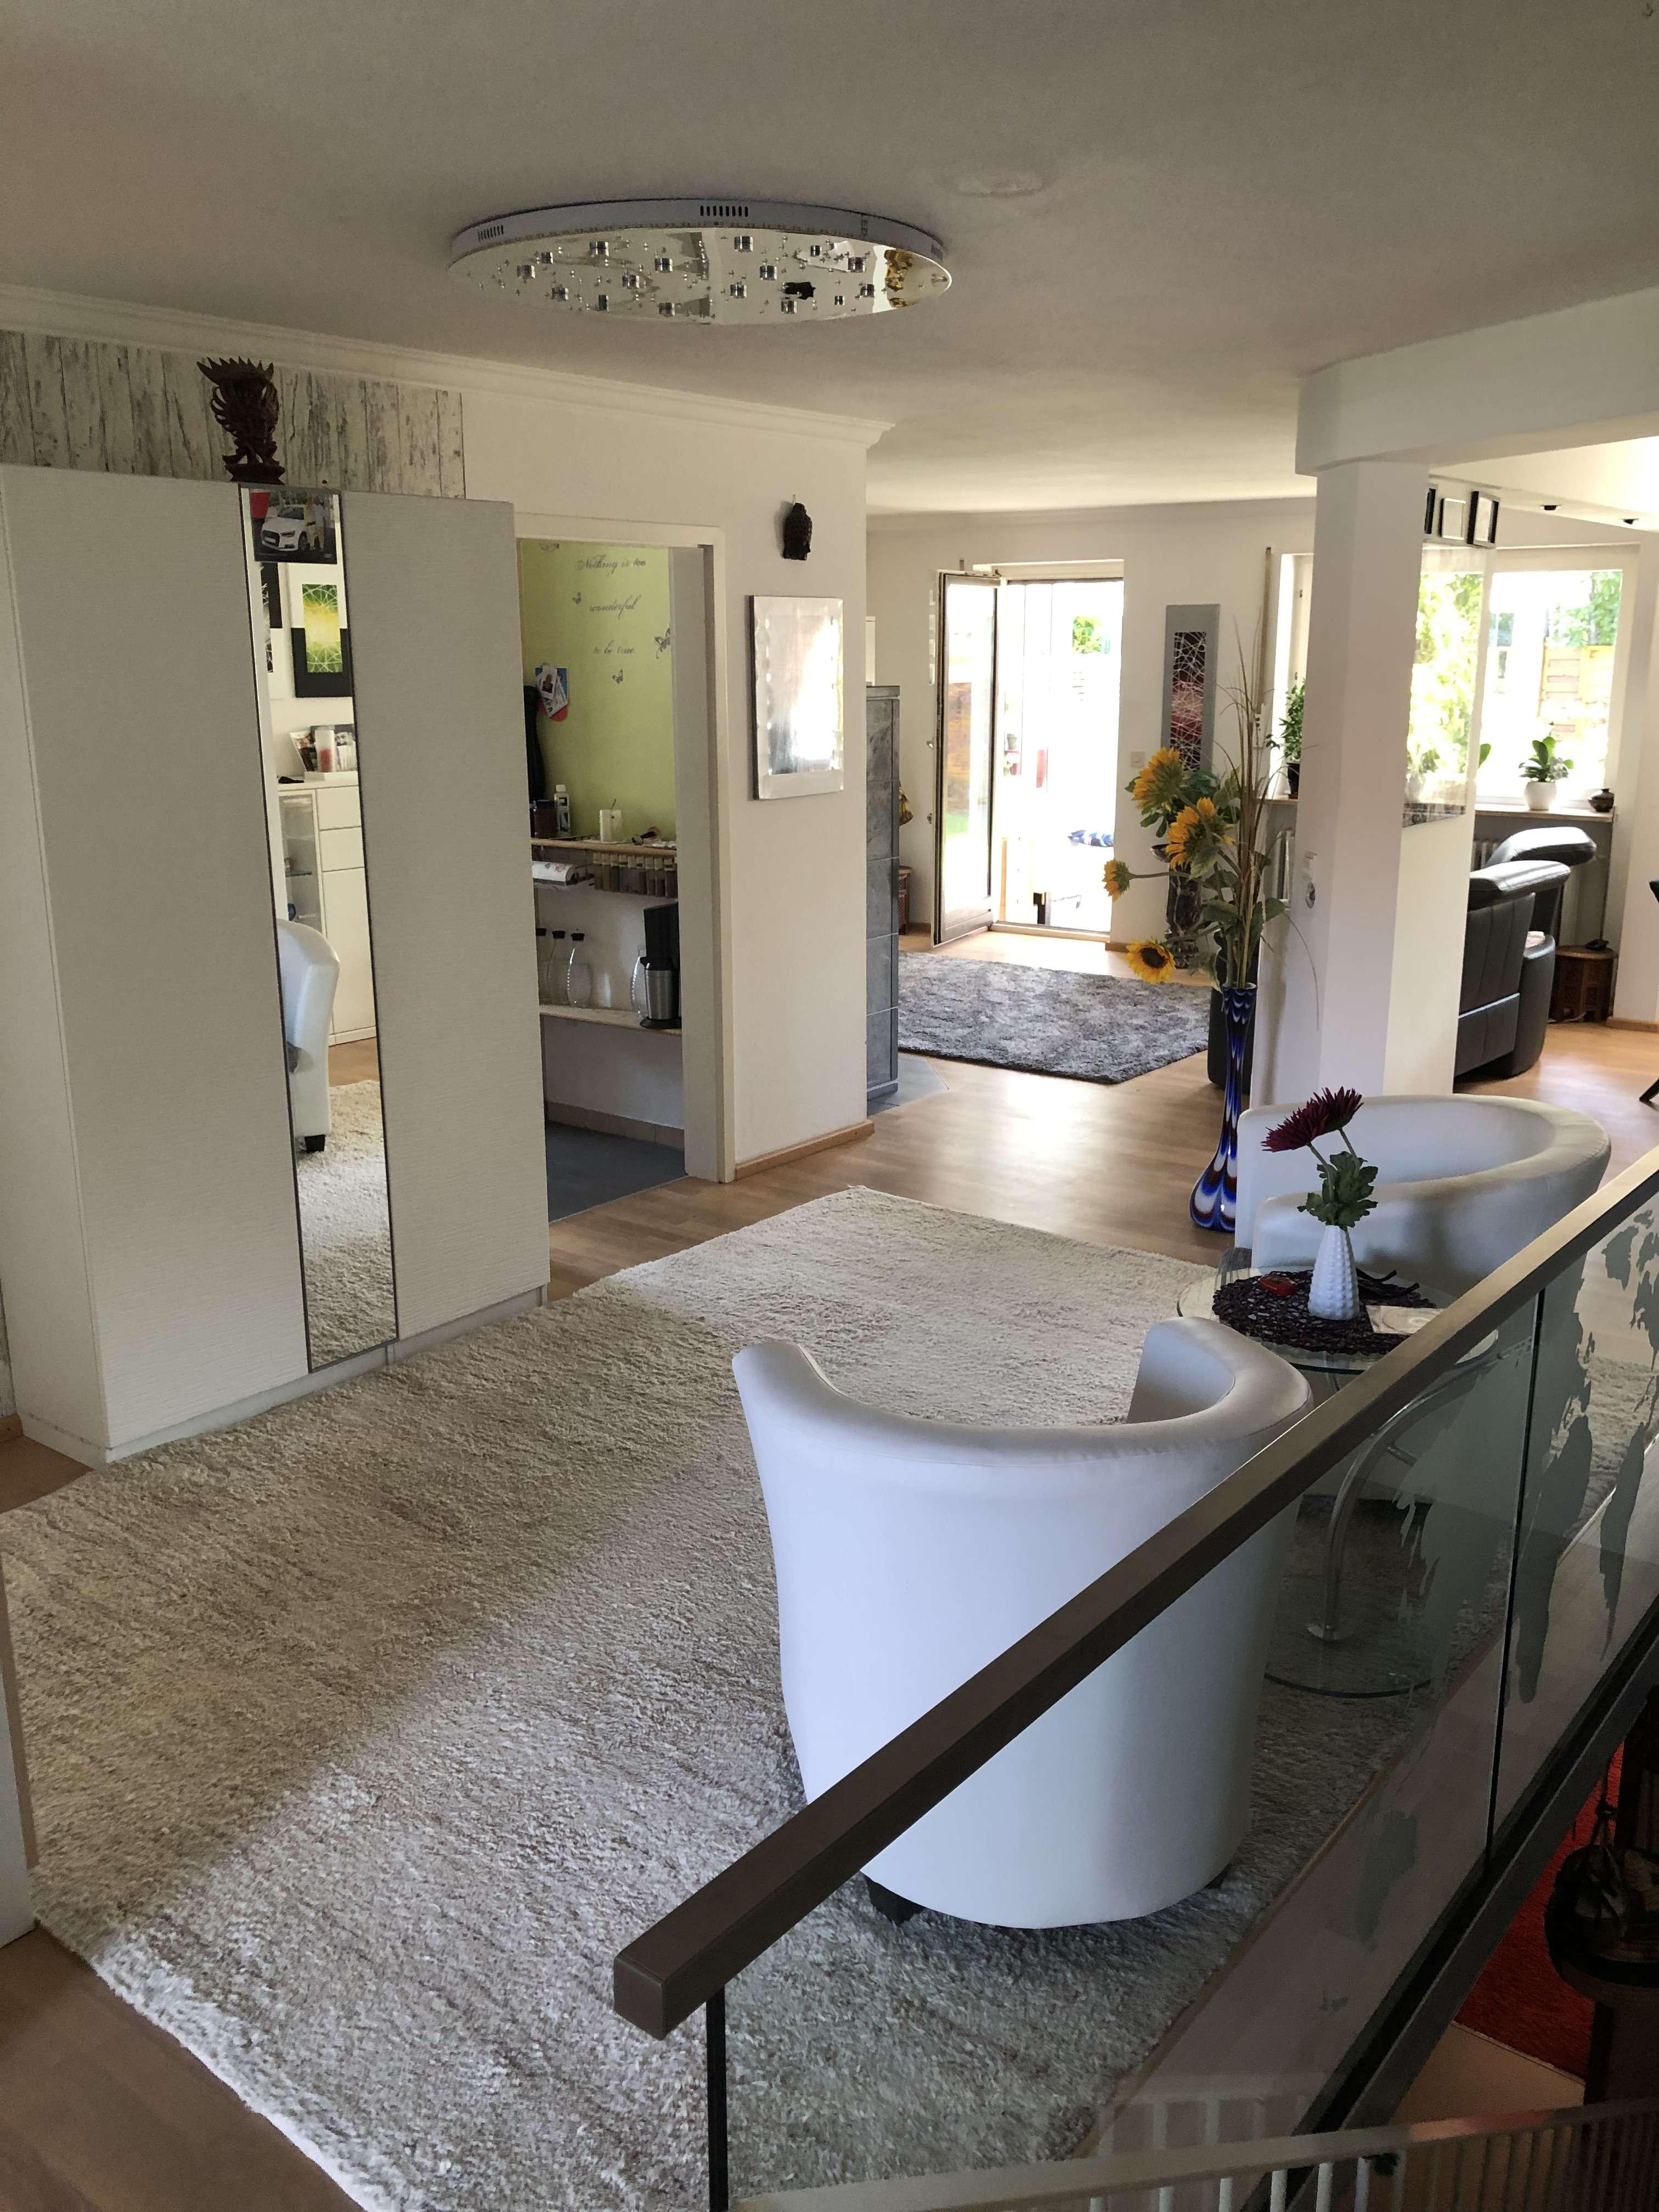 3-Zimmer-Erdgeschoss-Wohlfühl-Wohnung für Gartenliebhaber in bester Lage Pullach **NICHT MÖBLIERT** in Pullach im Isartal